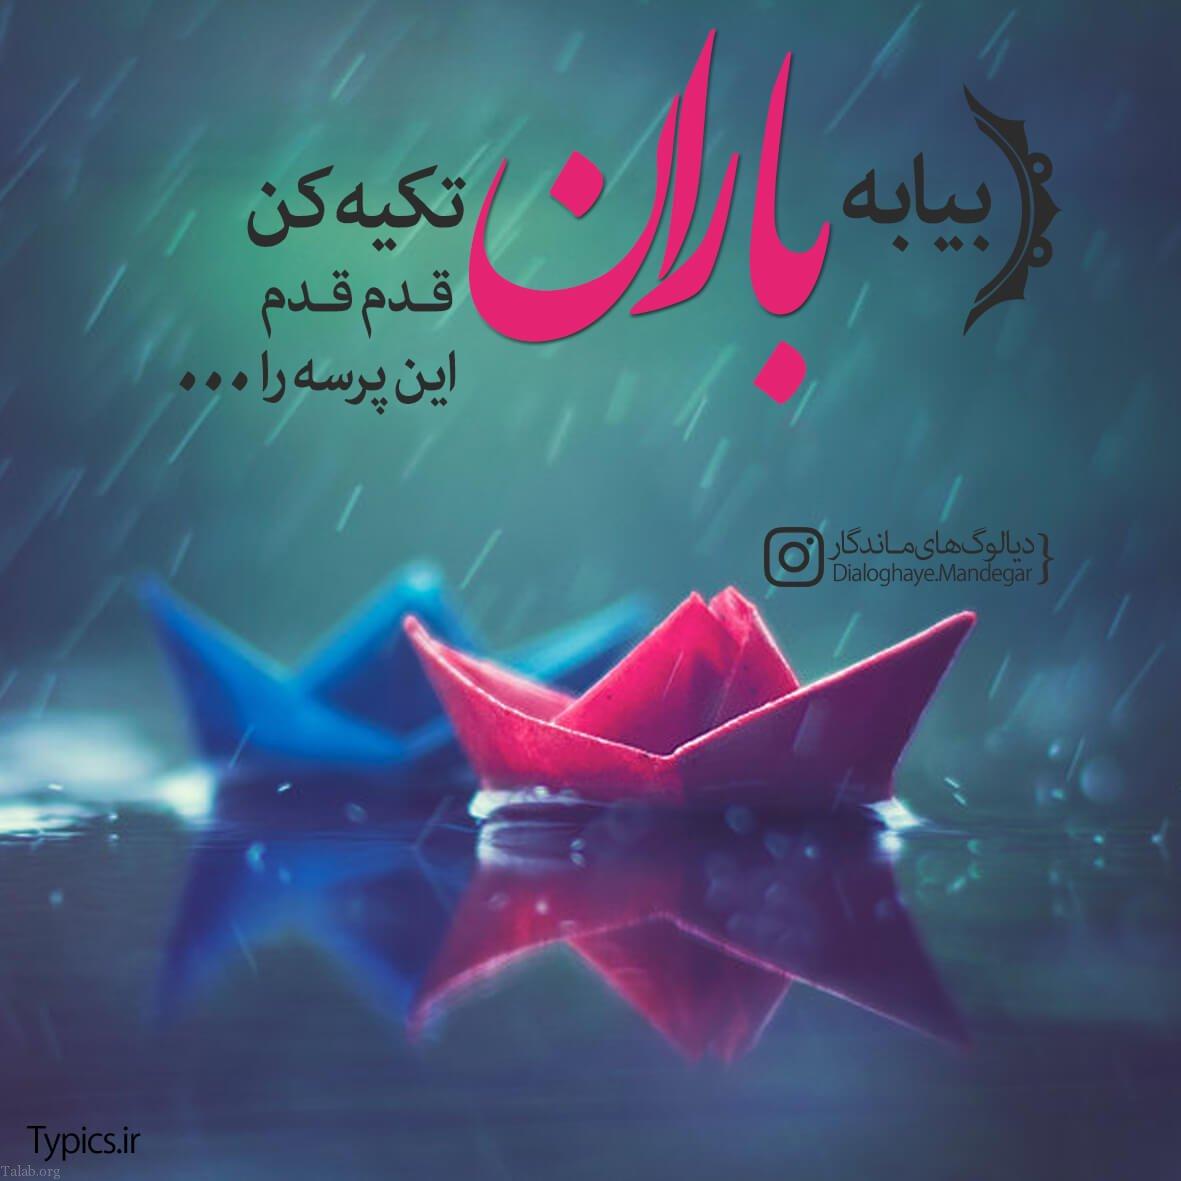 اس ام اس زیبا برای روزهای بارانی   متن زیبا ویژه هوای بارانی